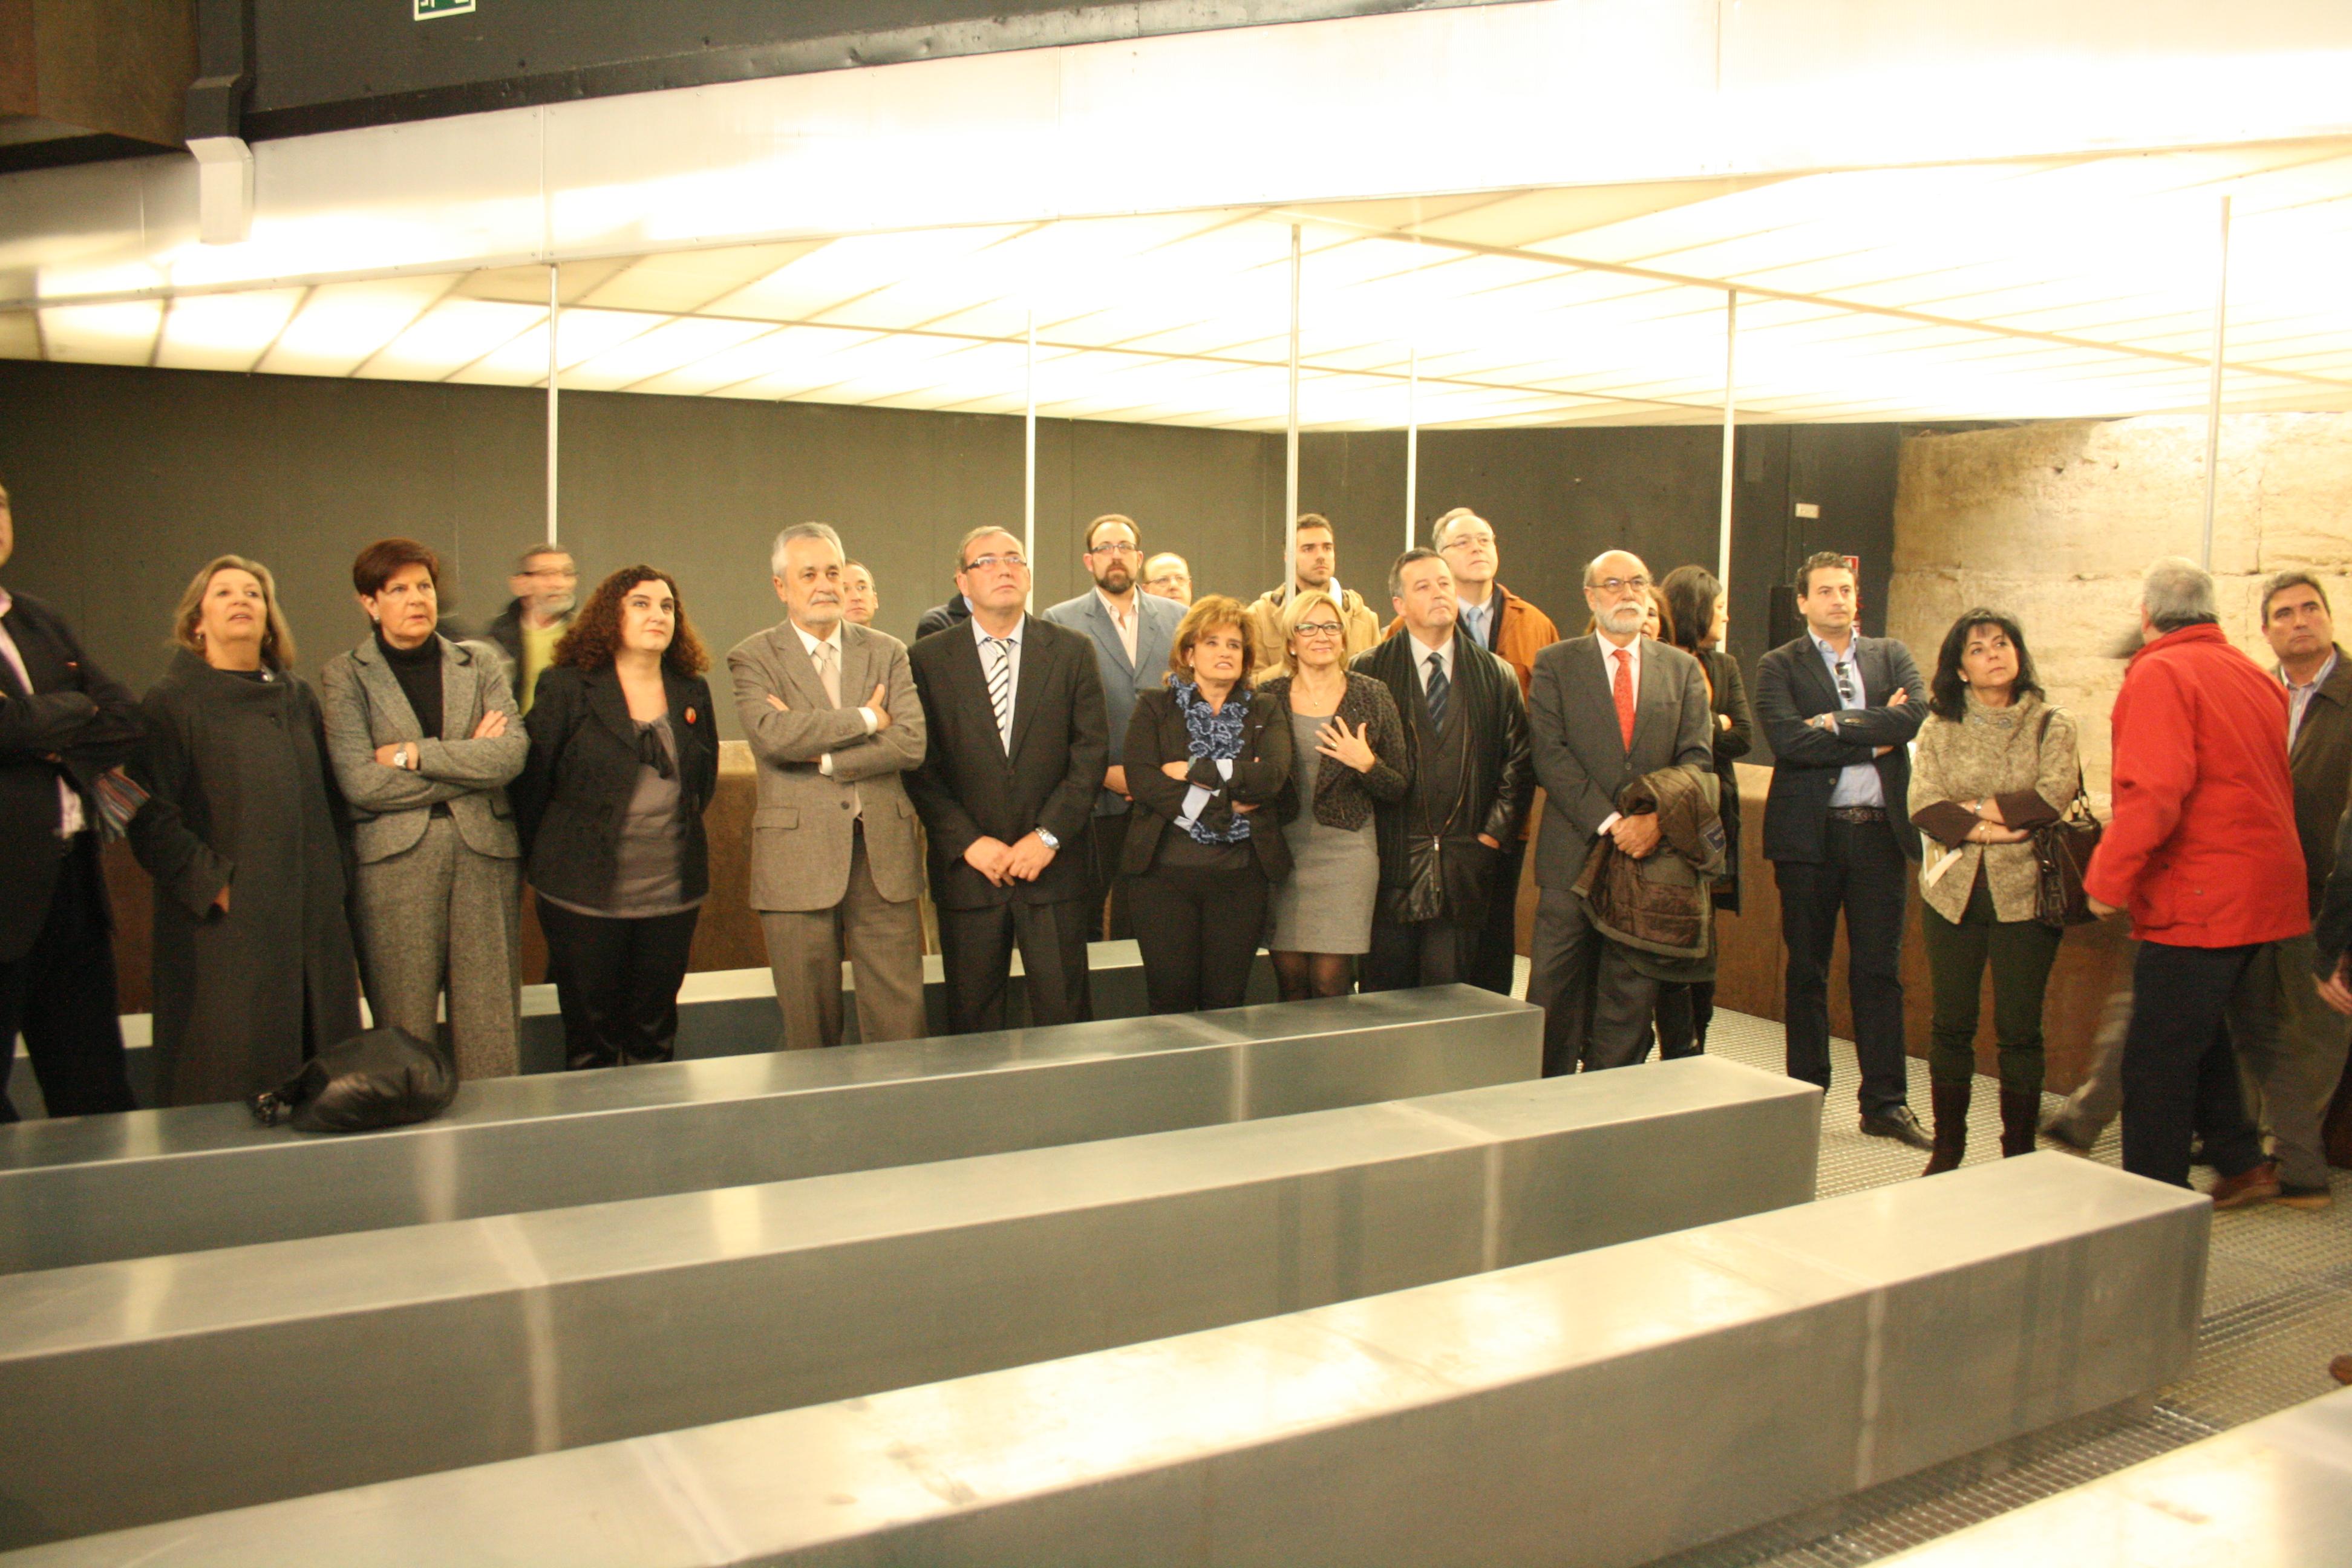 El nuevo equipamiento, ejecutado por la Agencia de Obra Pública, ha supuesto una inversión de 1 millón de euros